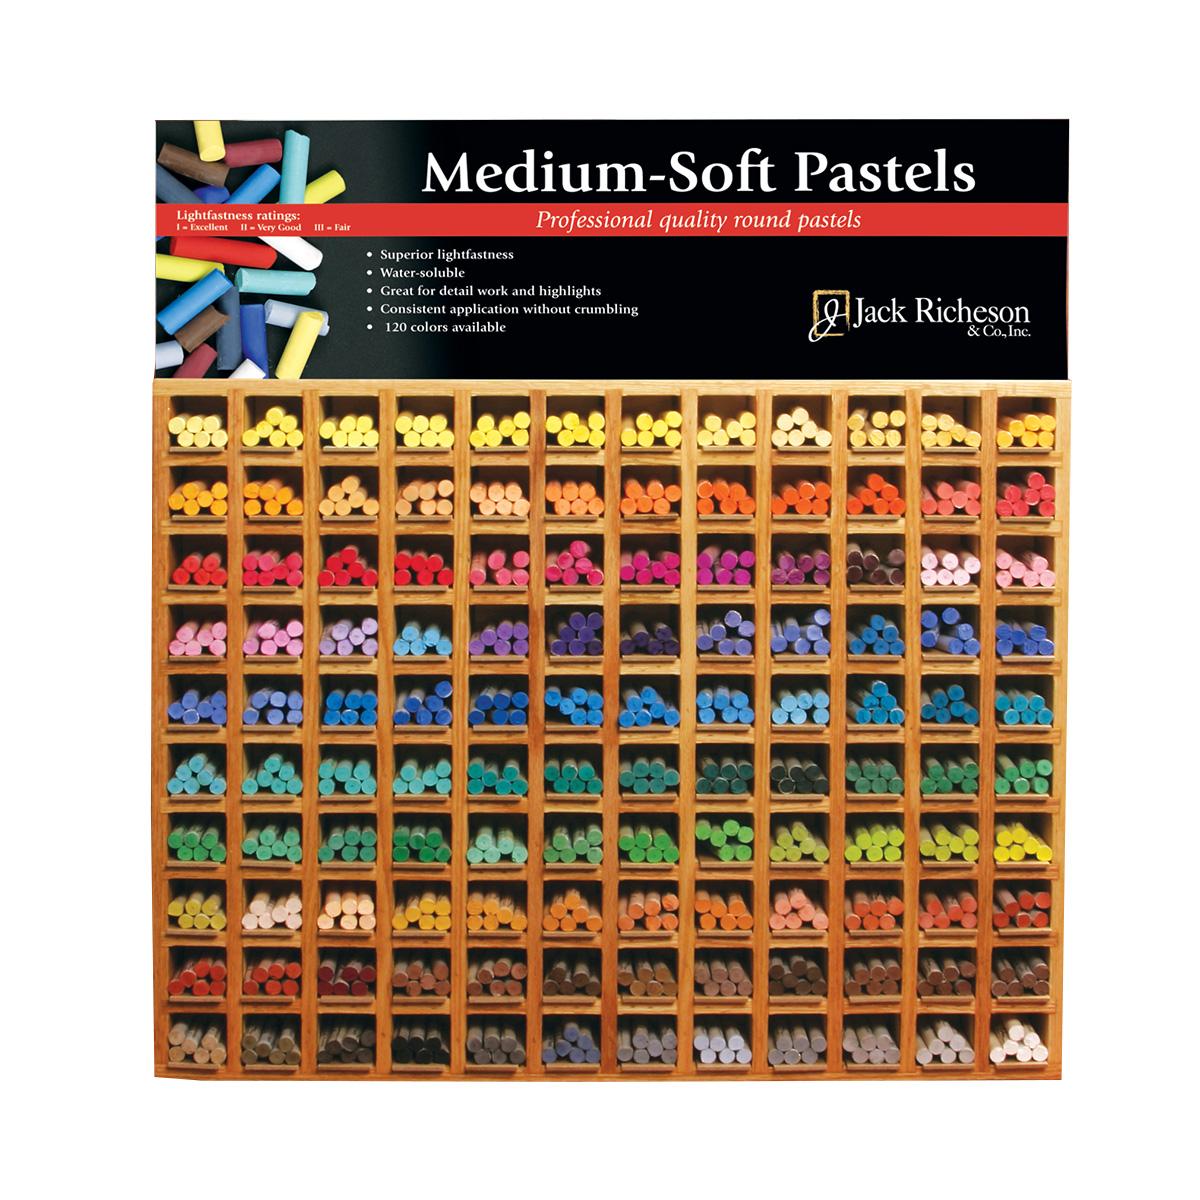 Jack Richeson Soft Pastels